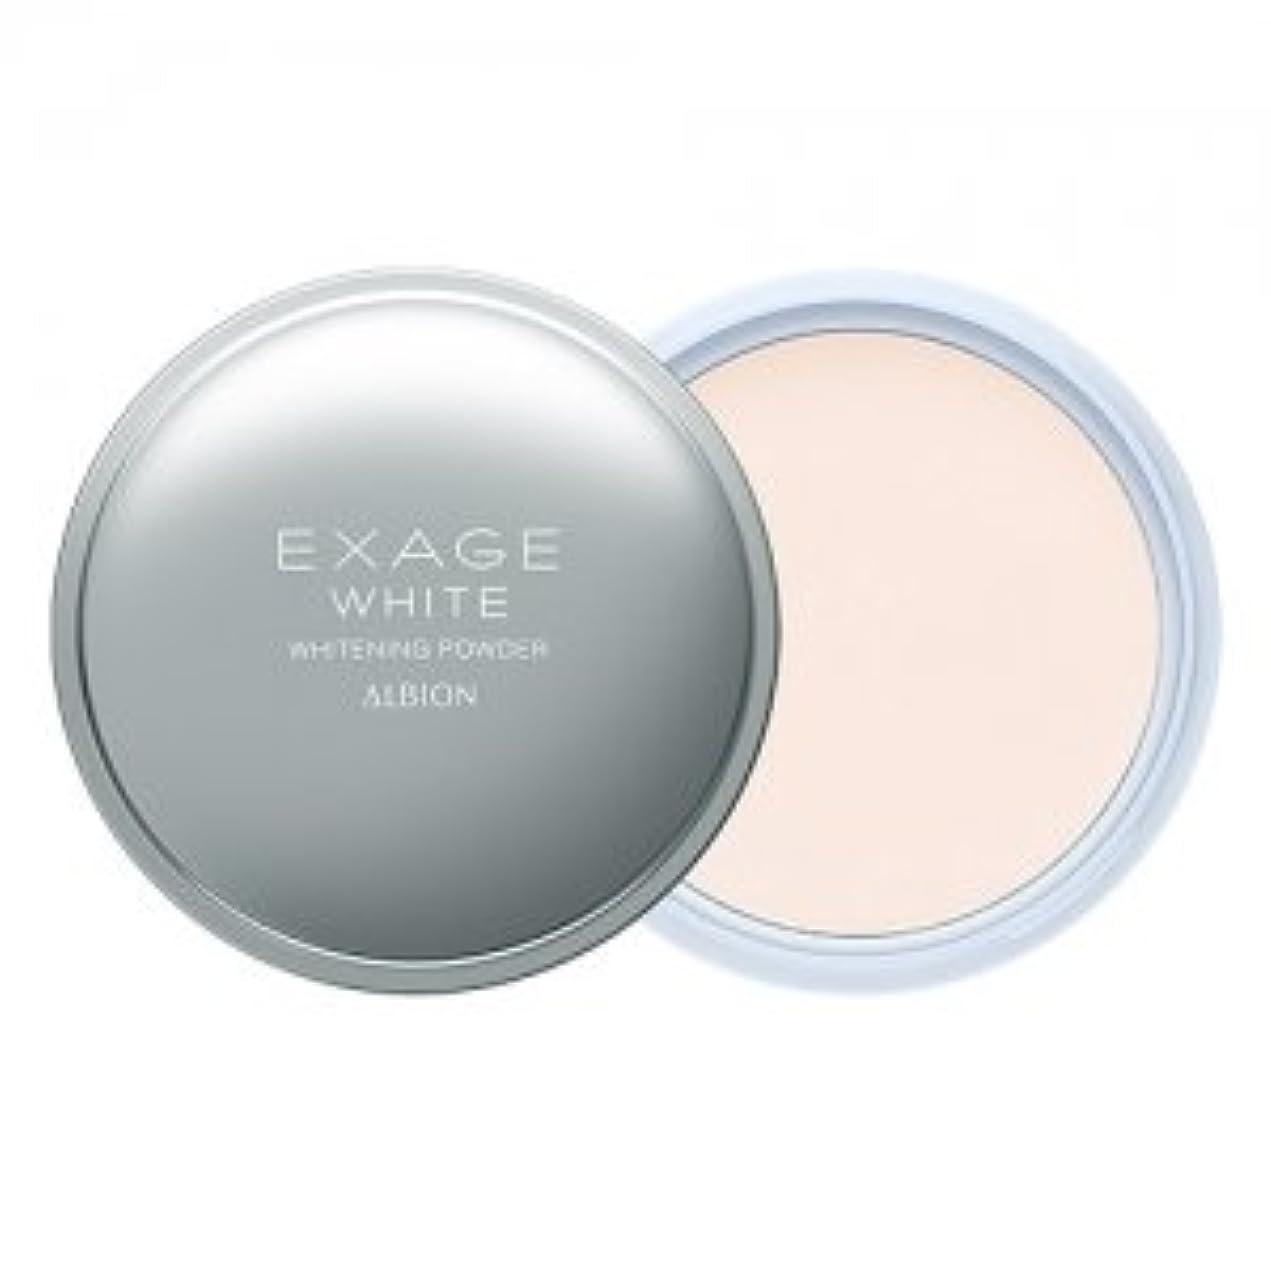 ゆりつま先年金受給者ALBION (アルビオン) EXAGE WHITE エクサージュホワイト ホワイトニング パウダー 18g